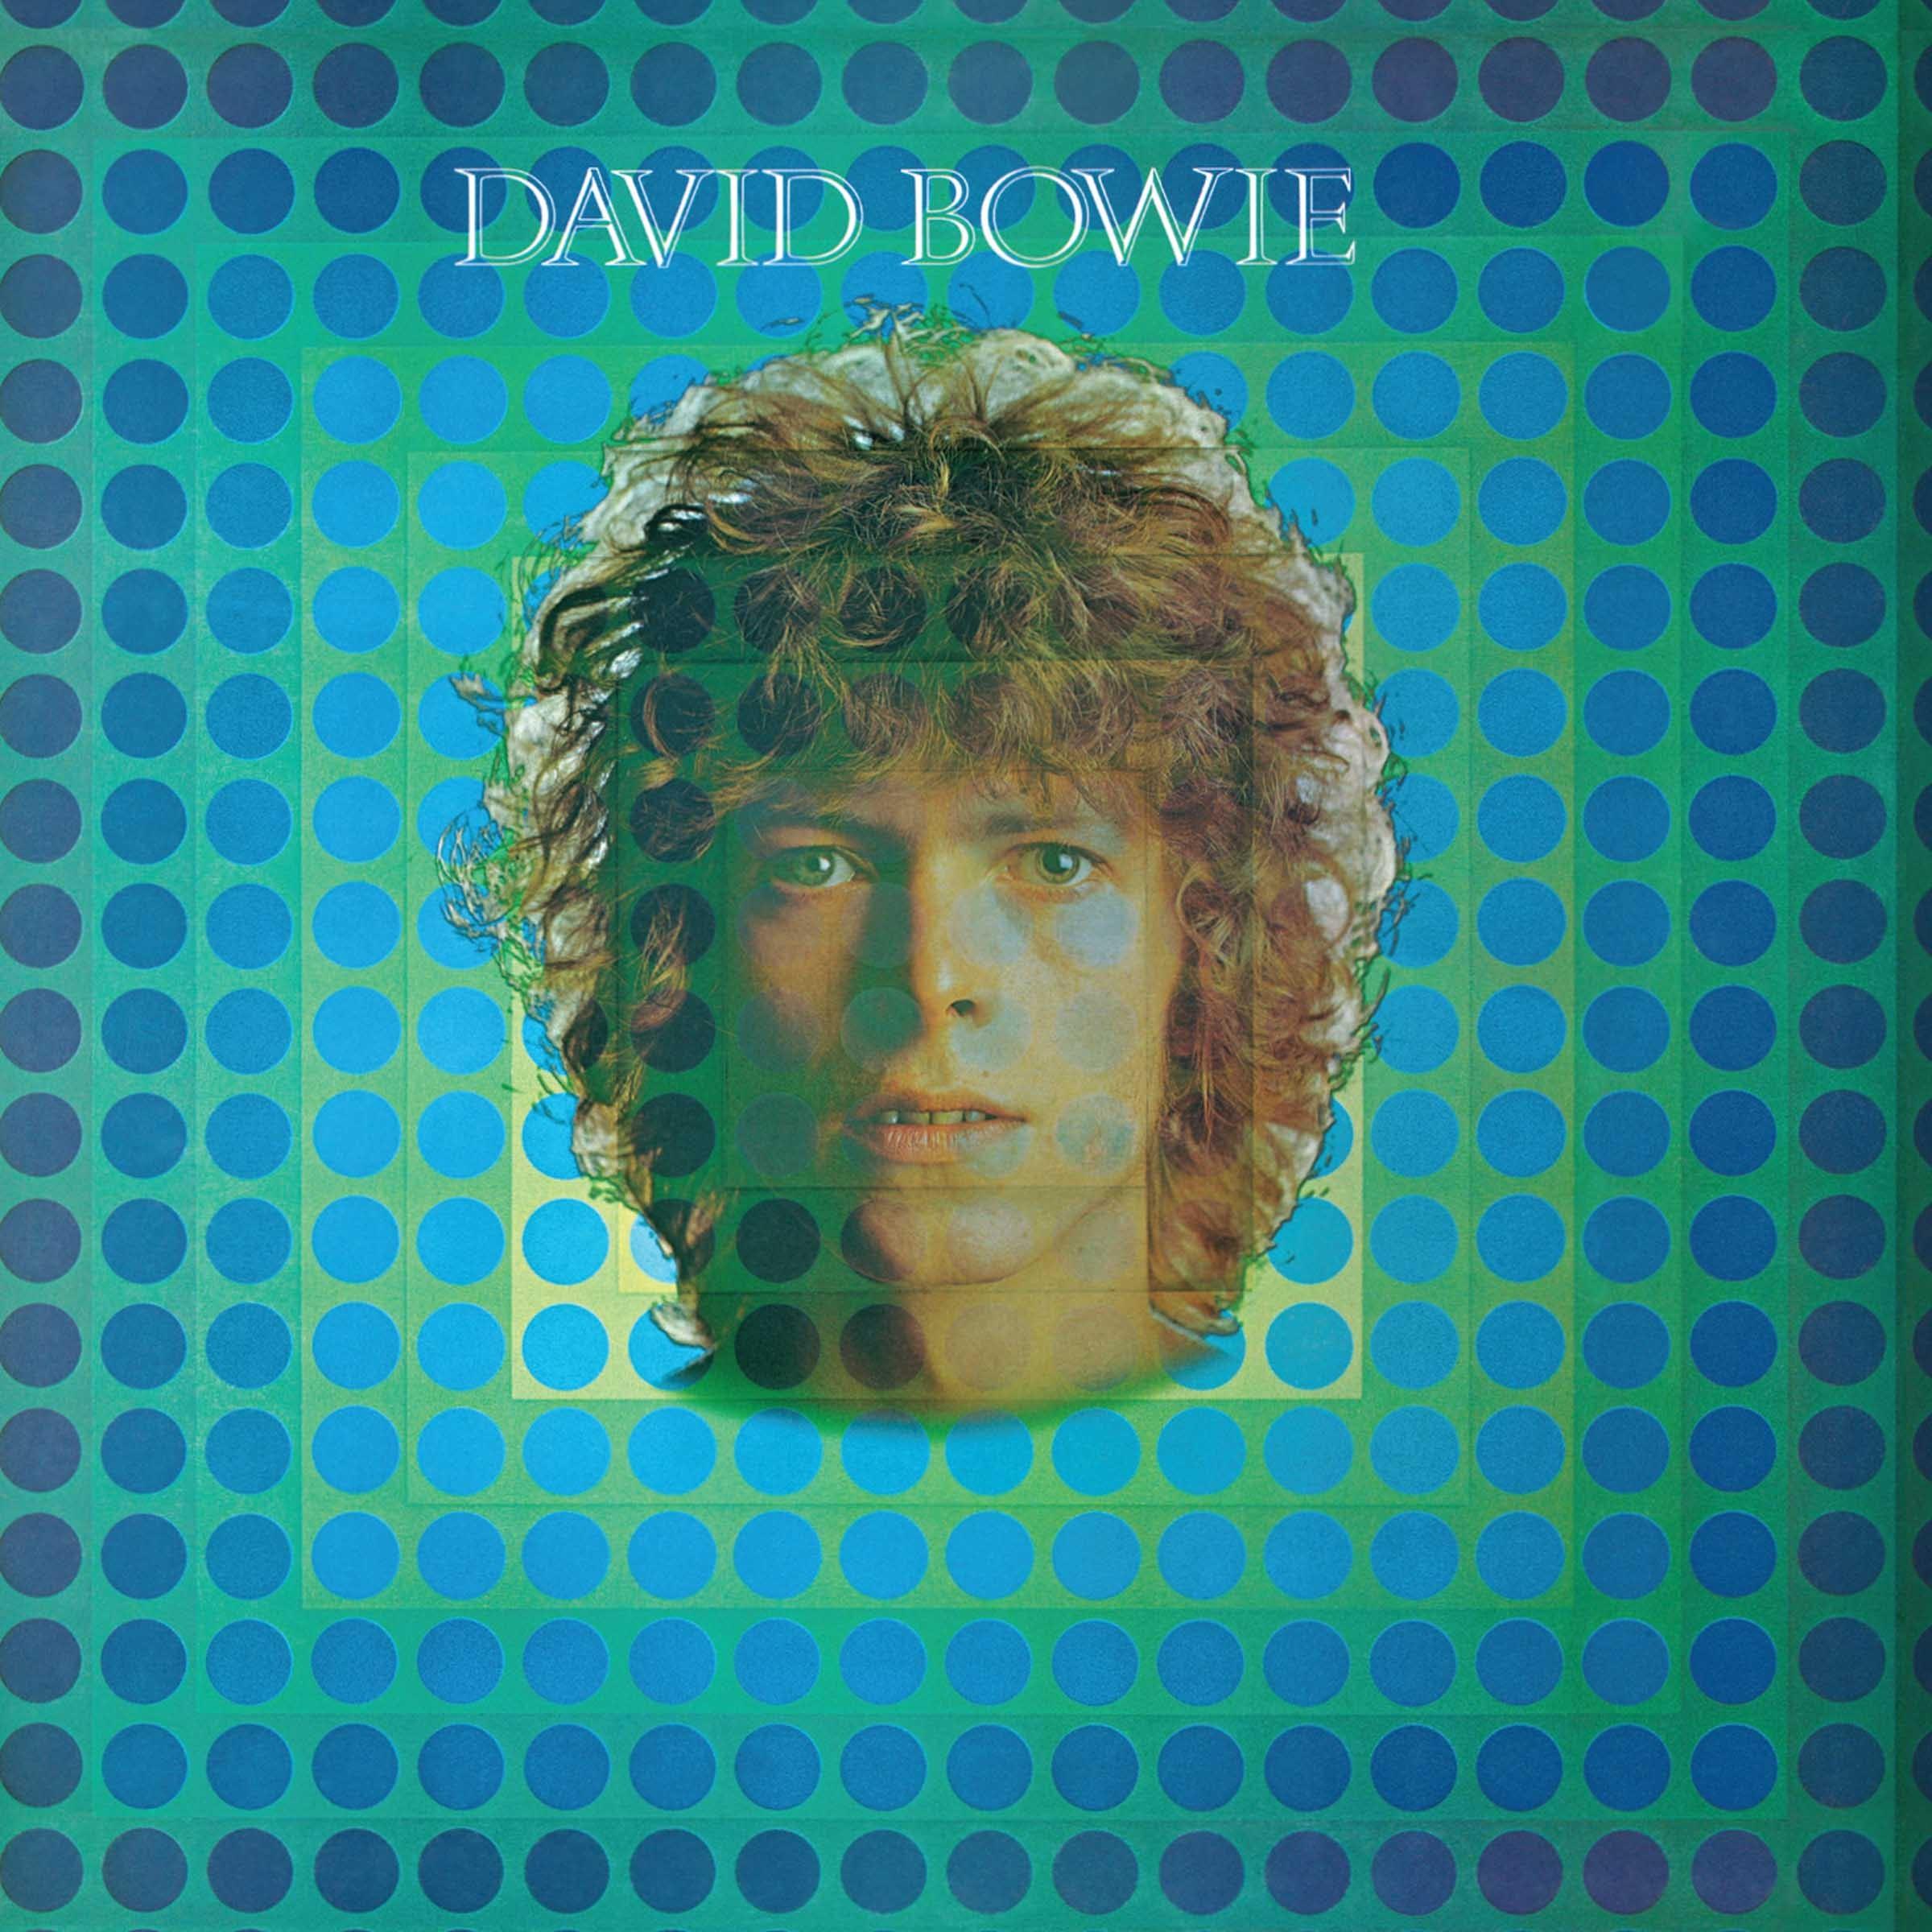 David Bowie - David Bowie AKA Space Oddity LP